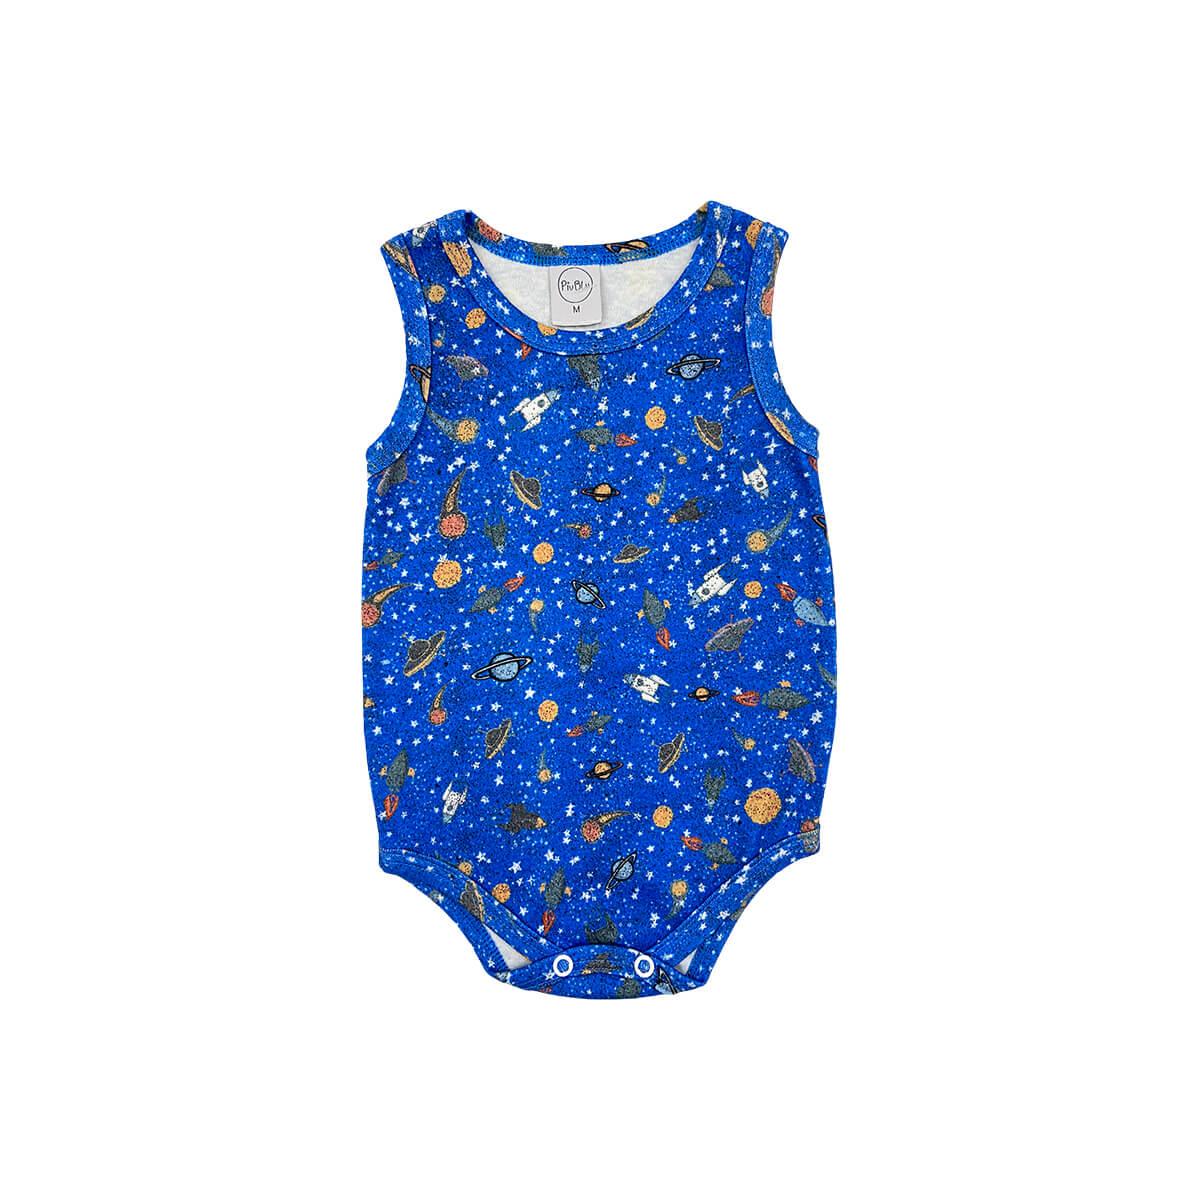 Body Bebê Regata Espaço Azul Cobalto  - Piu Blu